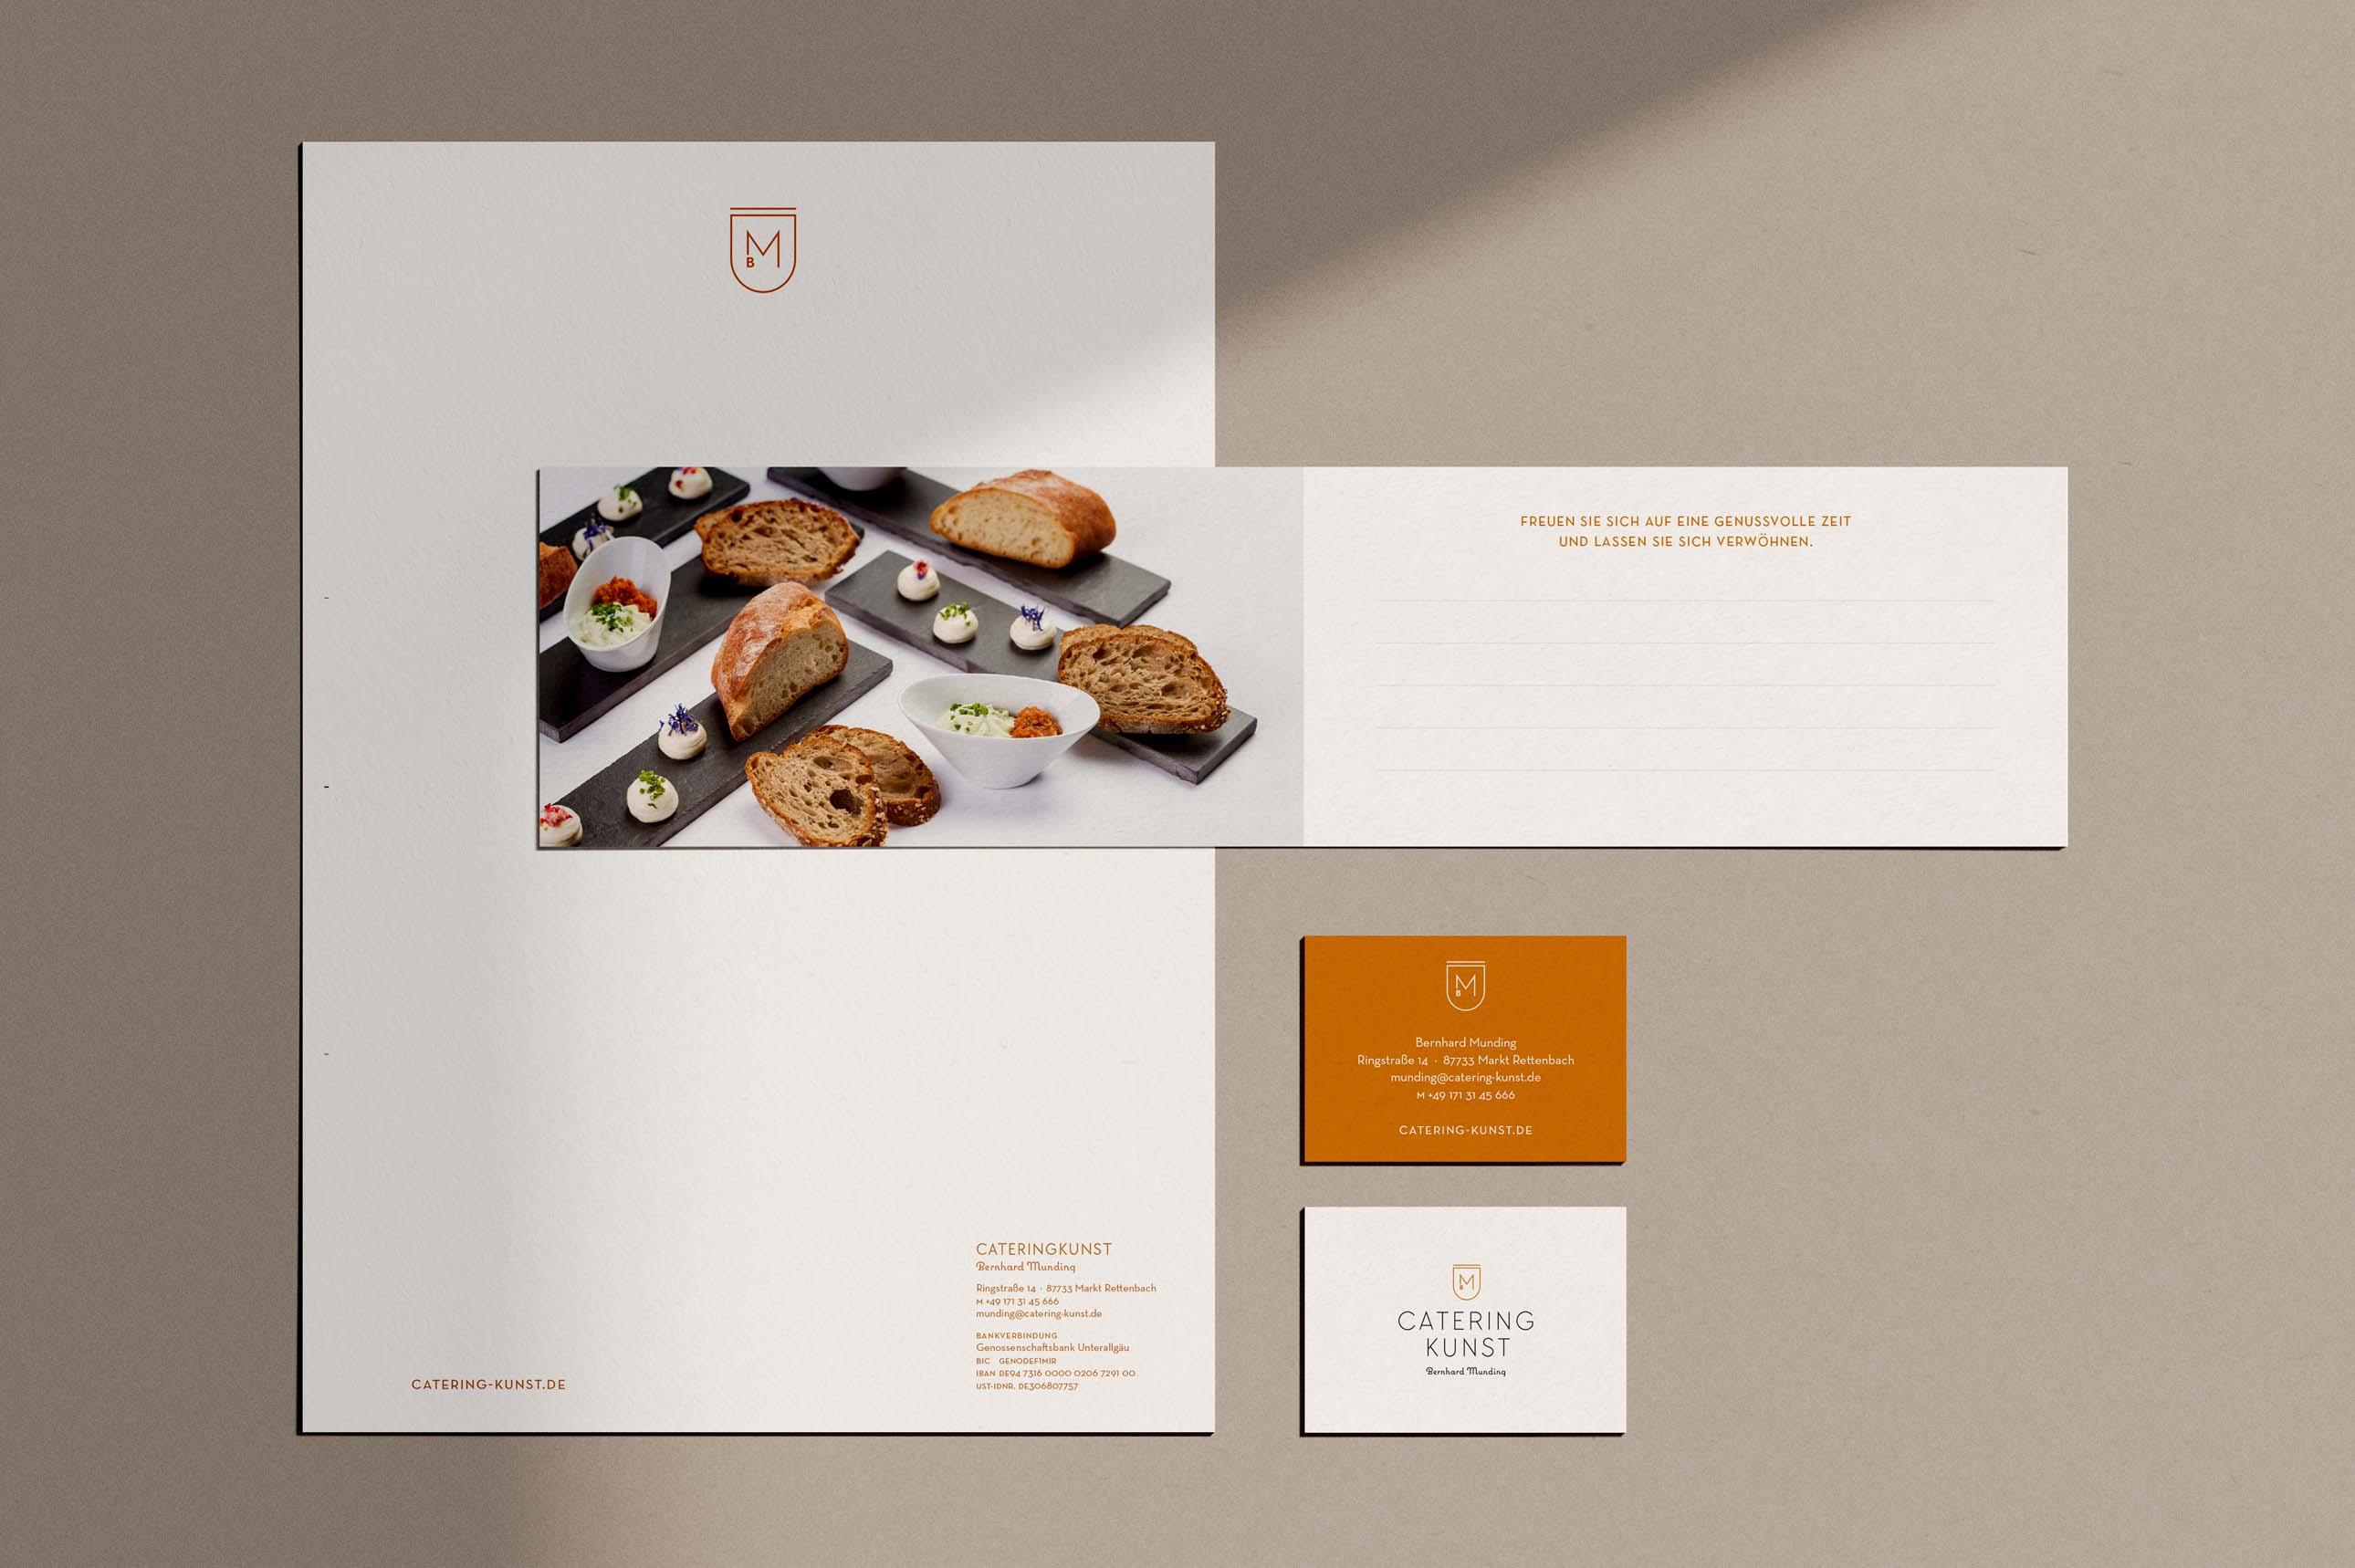 Grafikdesign der Geschäftsausstattung von Bernhard Mundings Cateringkunst